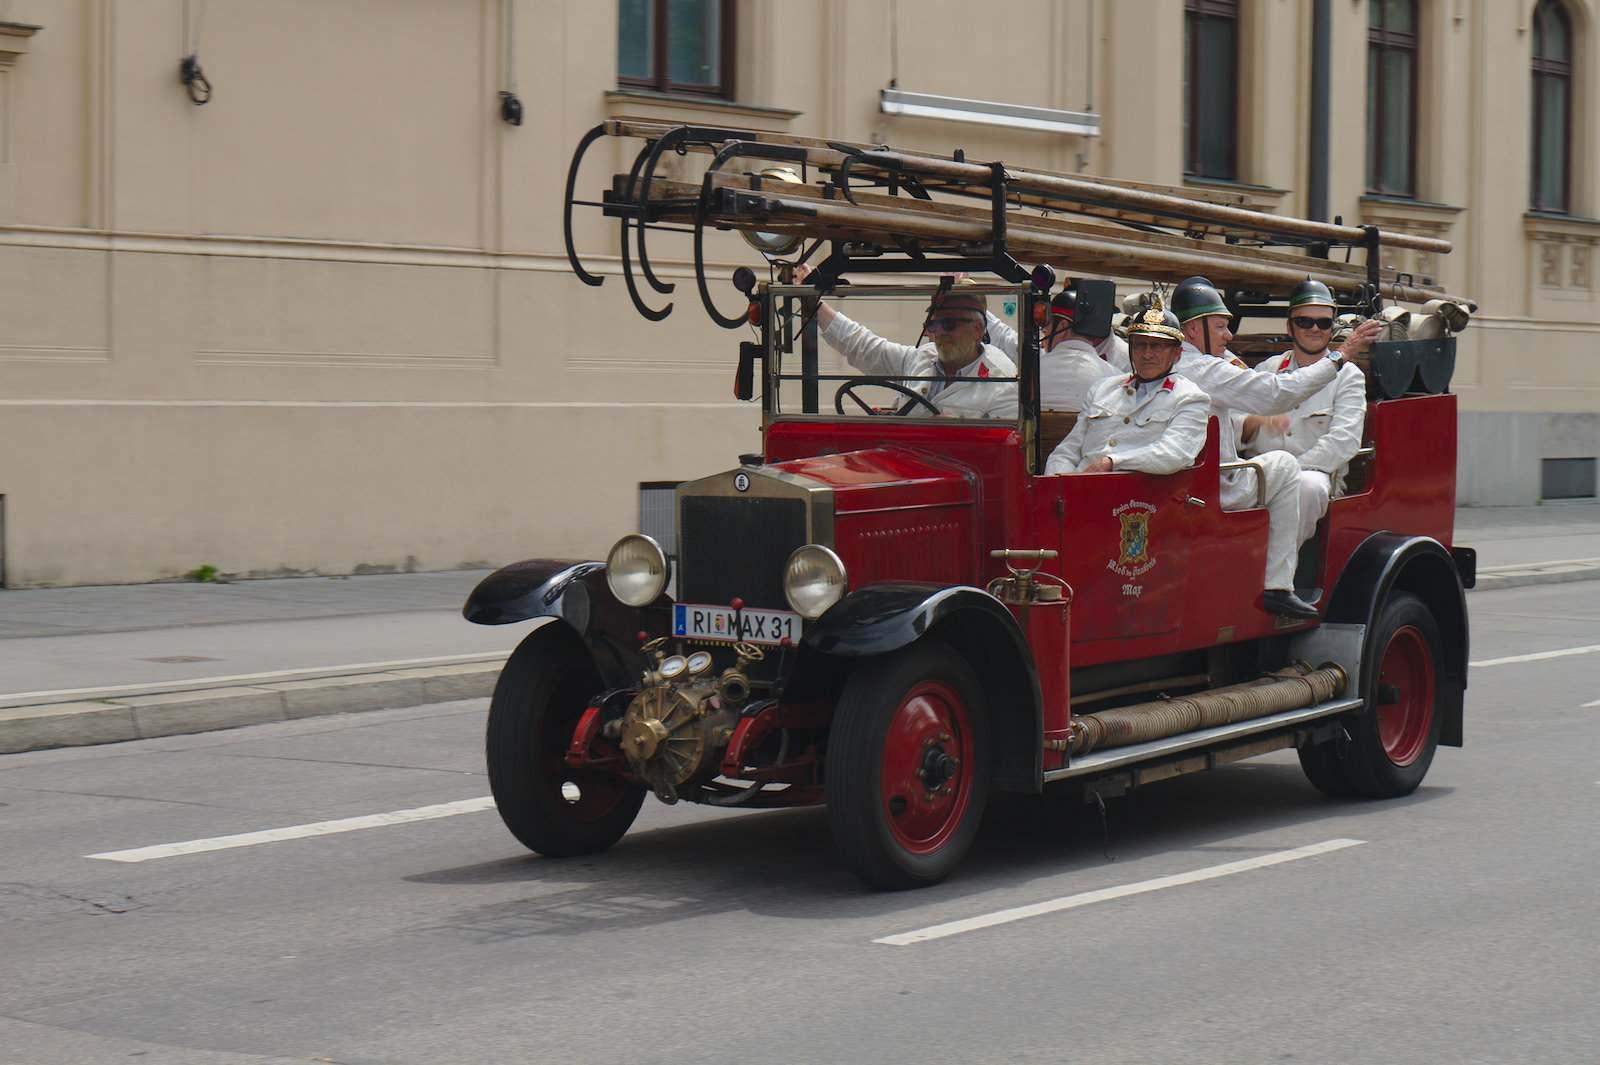 volunteer fire department2 150 Years Volunteer Fire Department in Munich